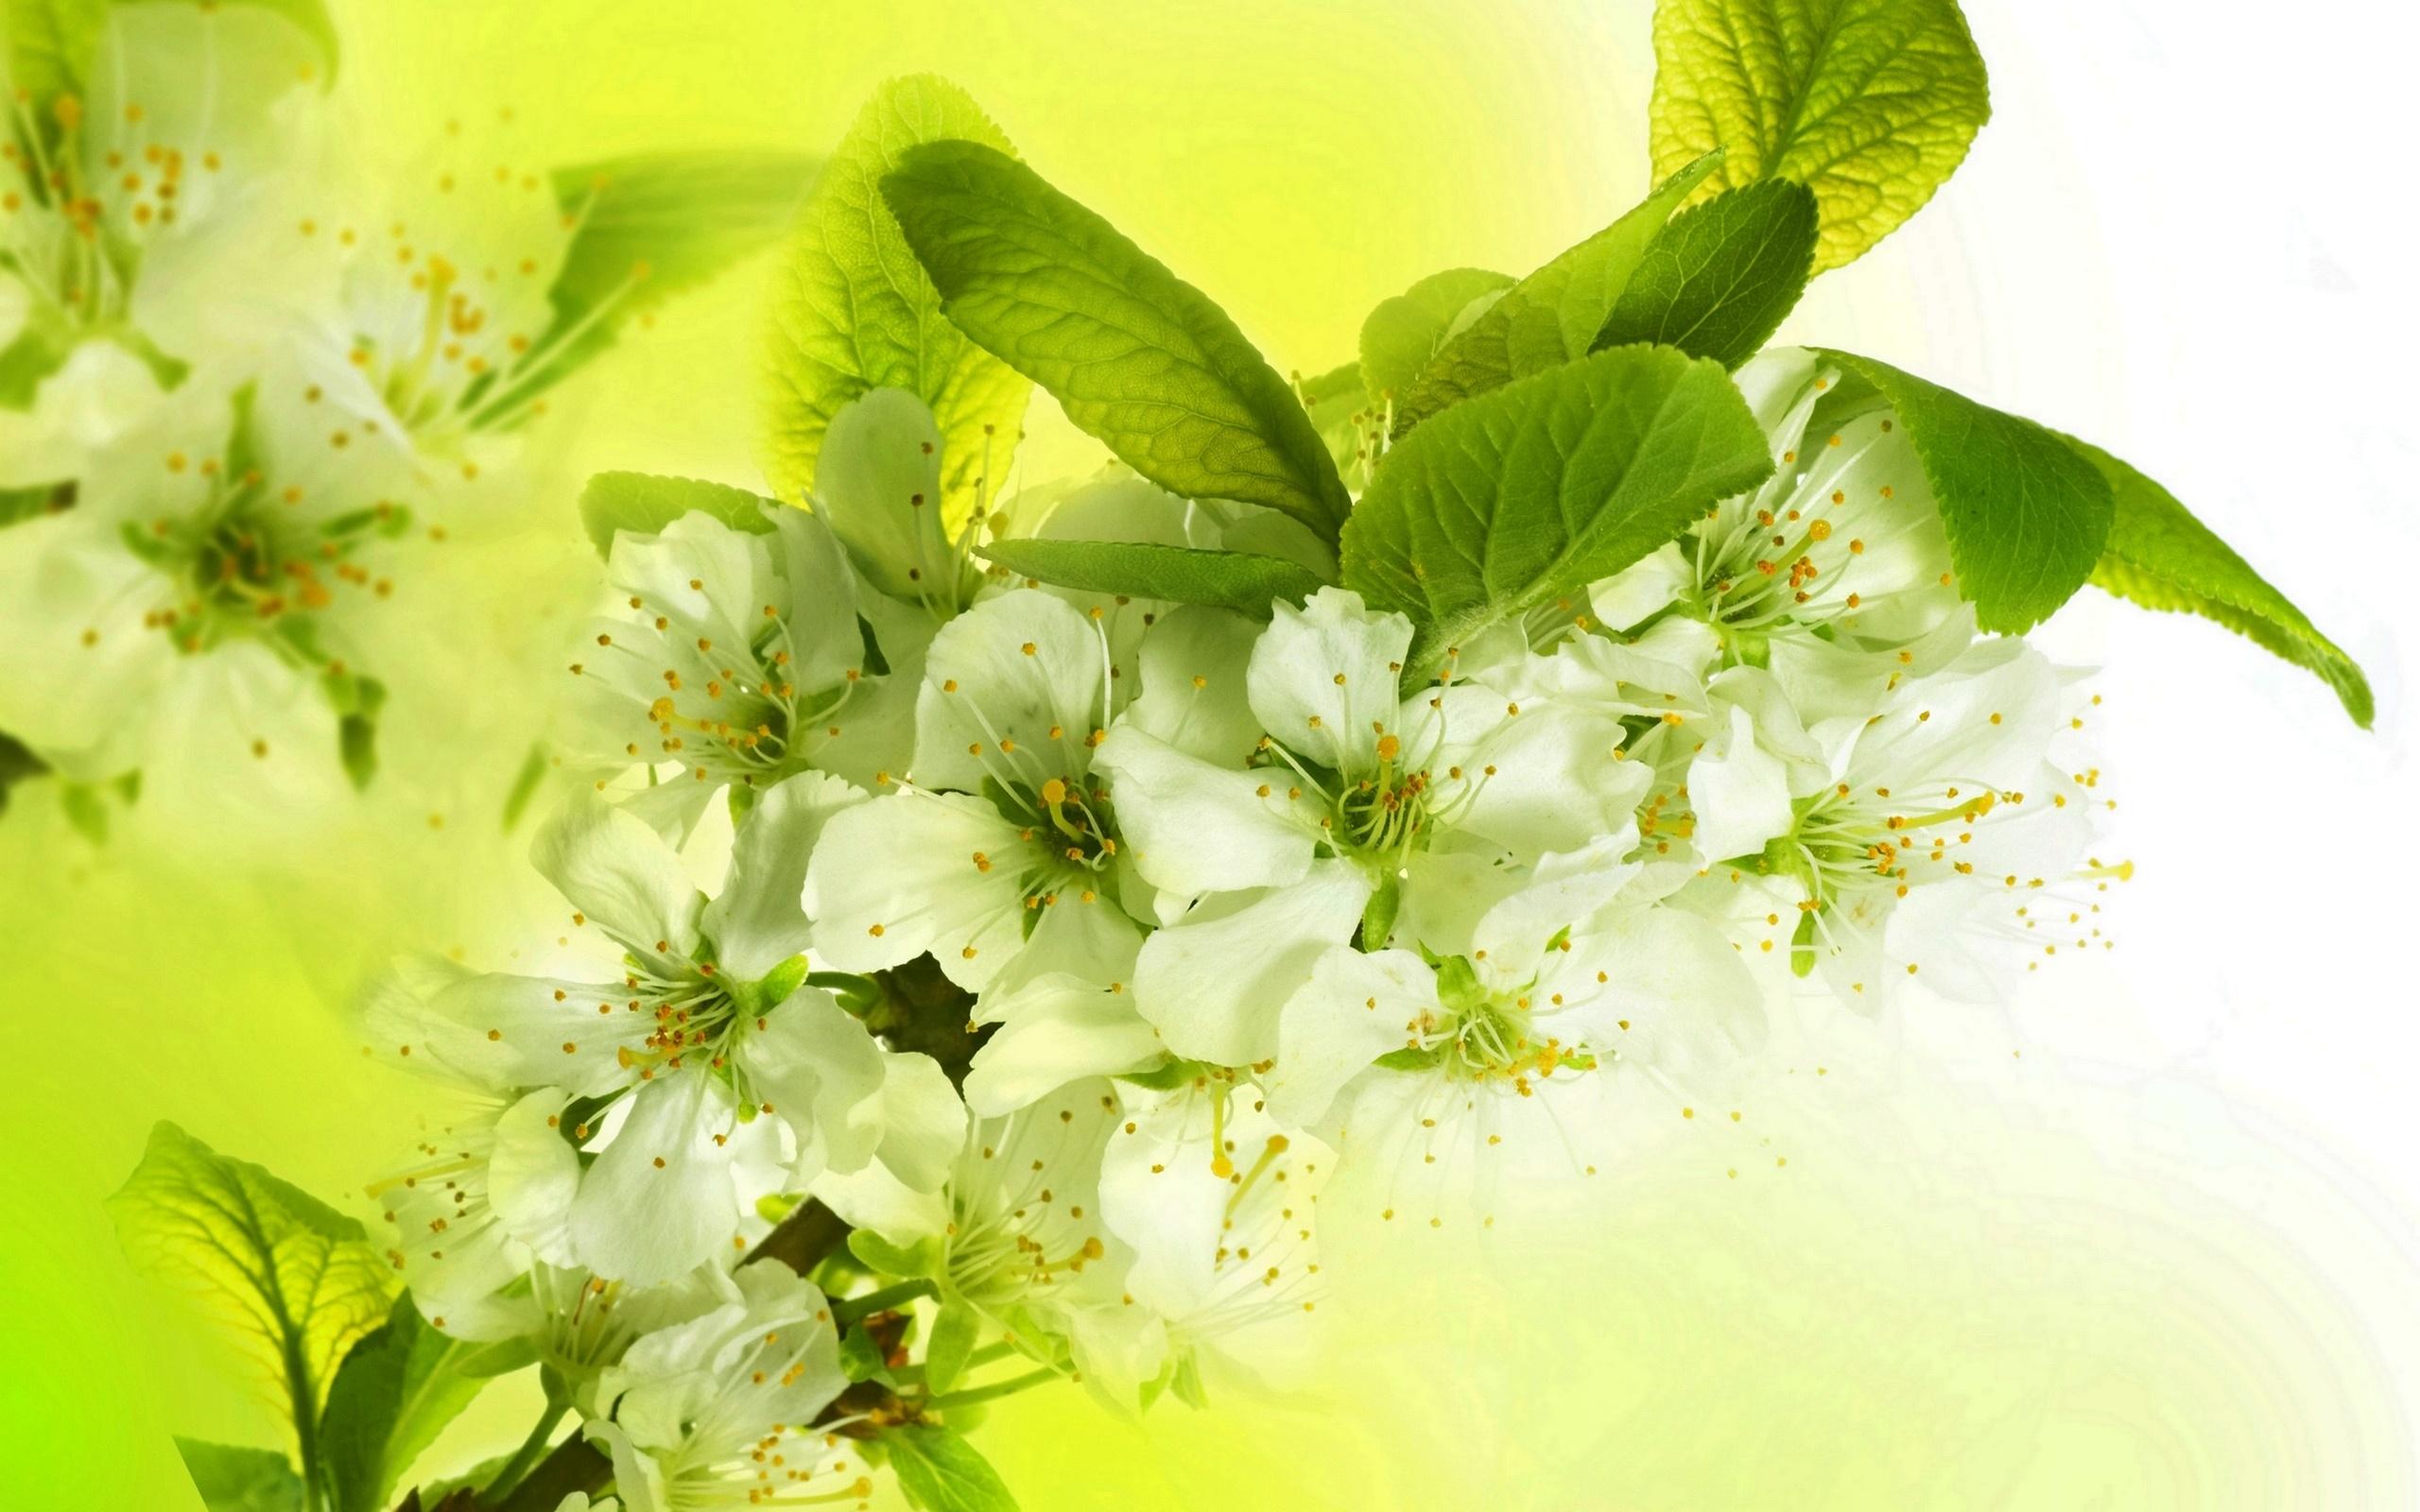 яблони в цвету обои на стол № 217651 загрузить